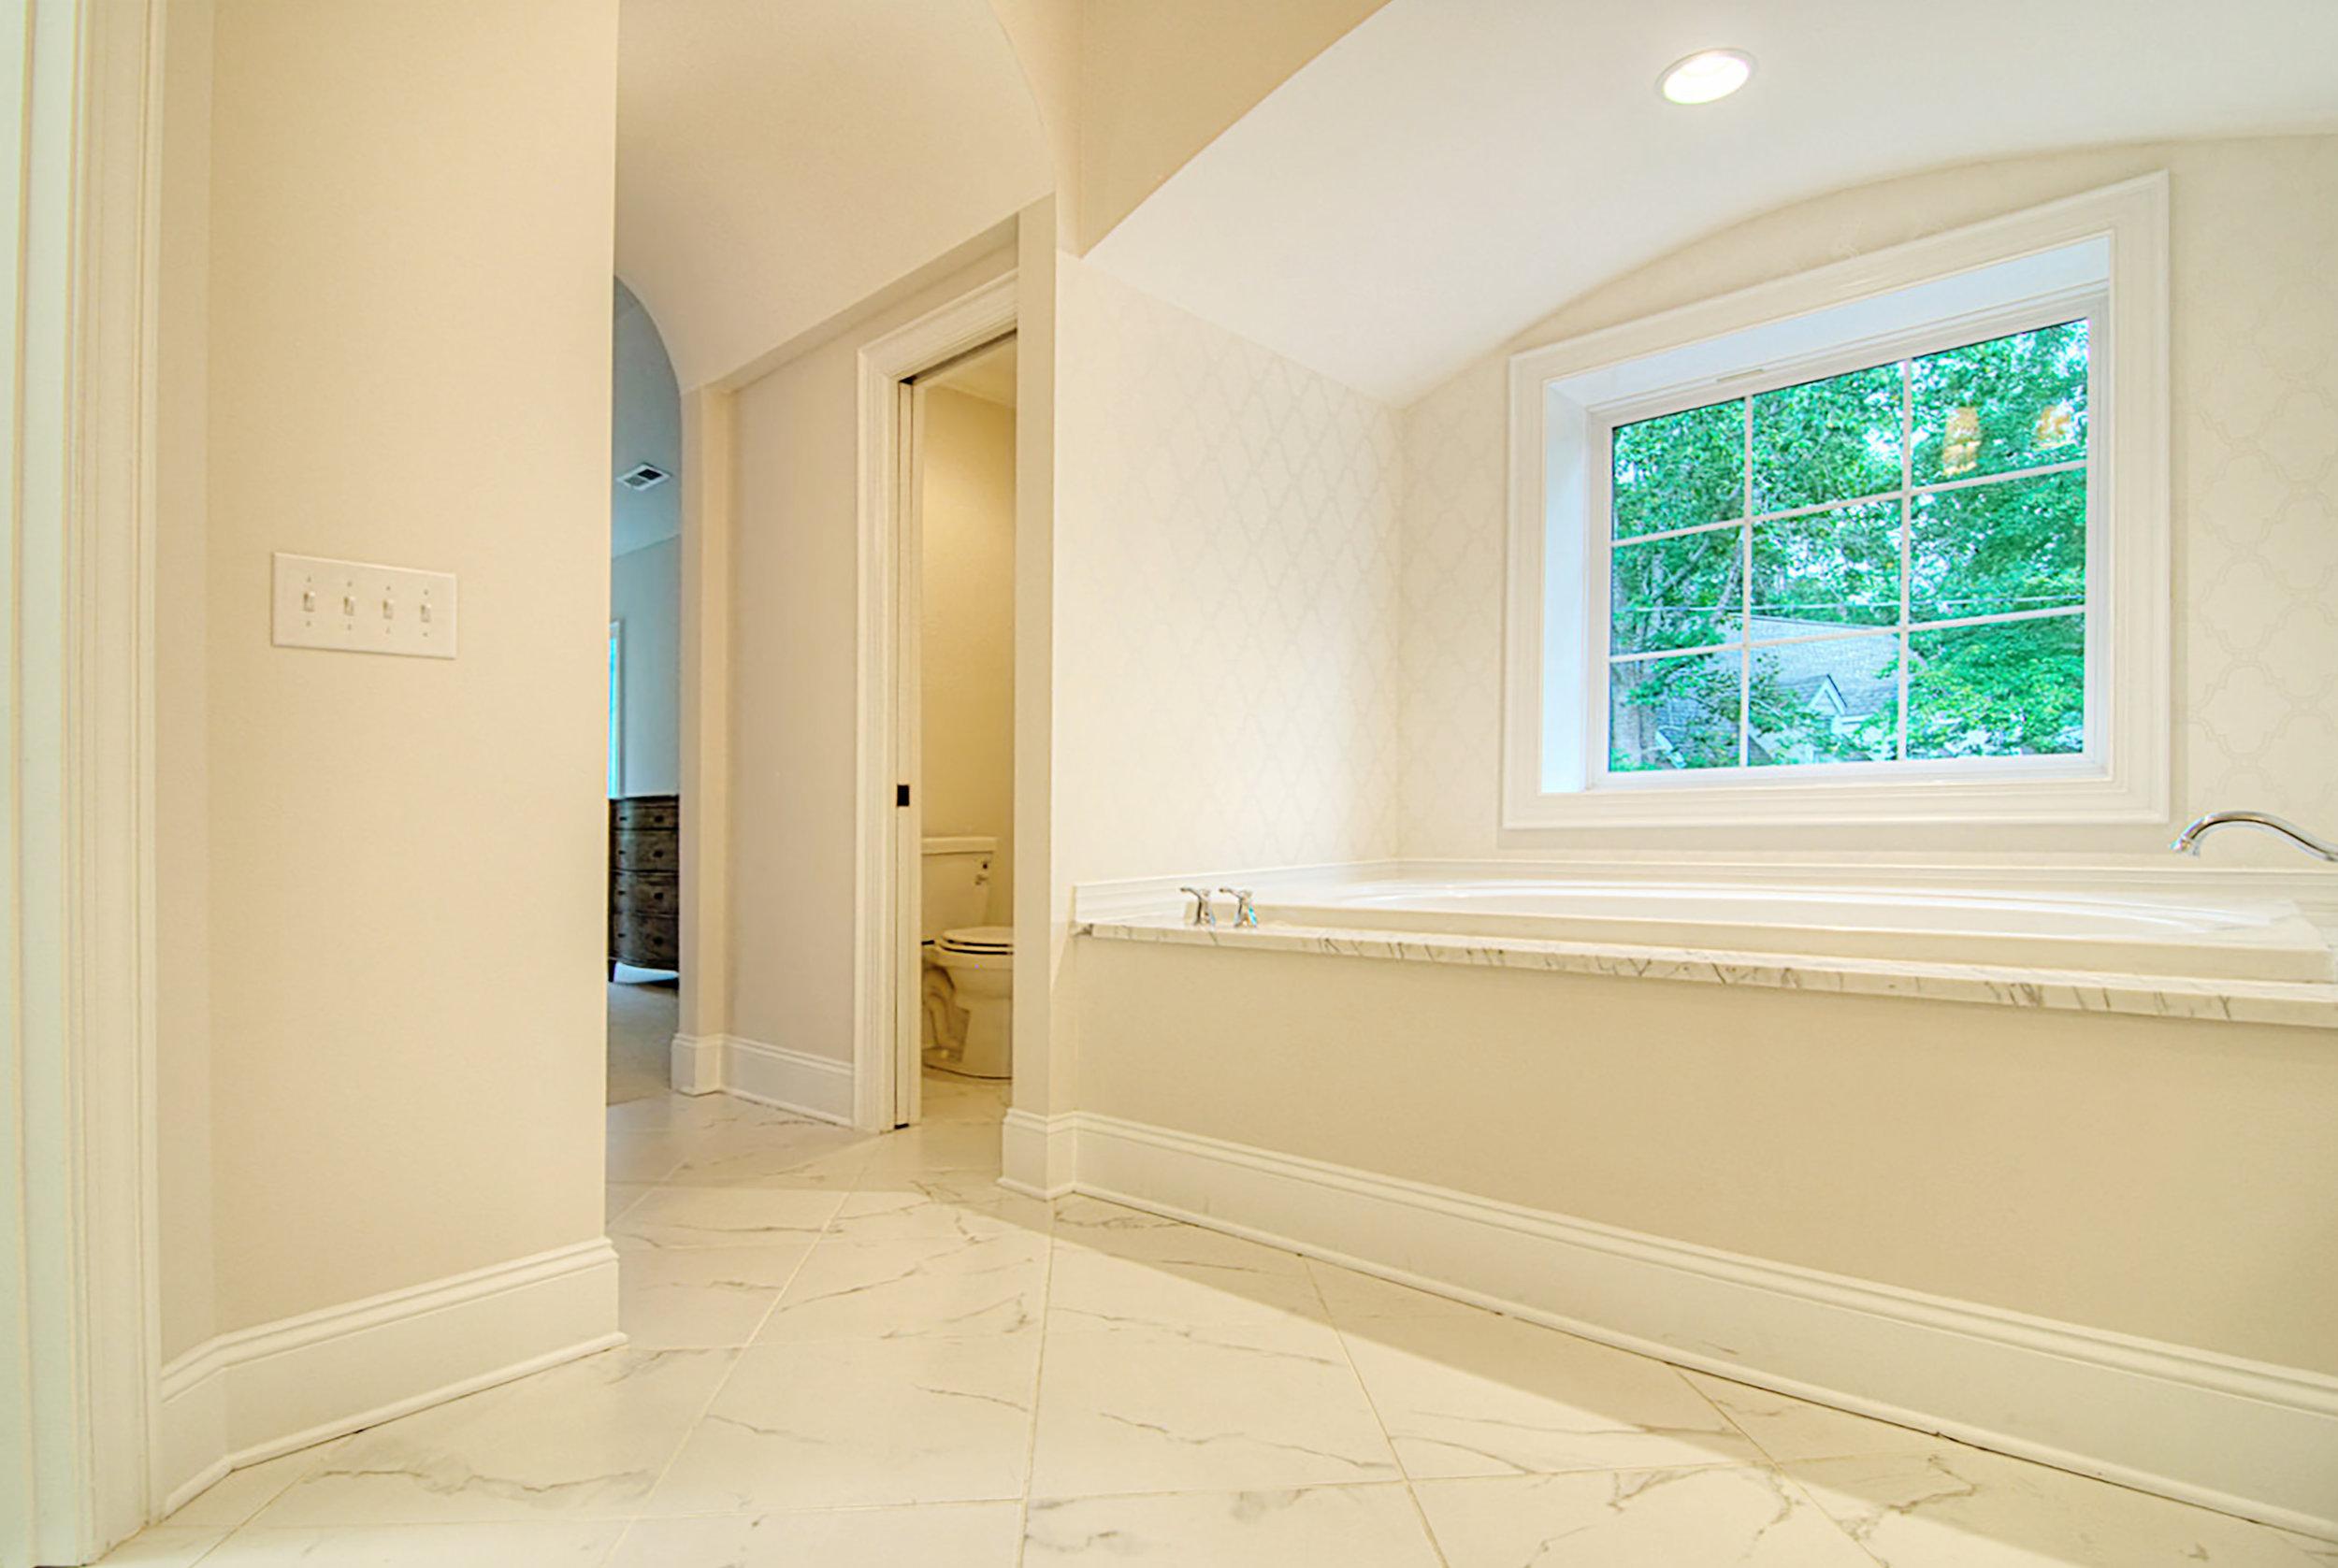 azalea bath.jpg